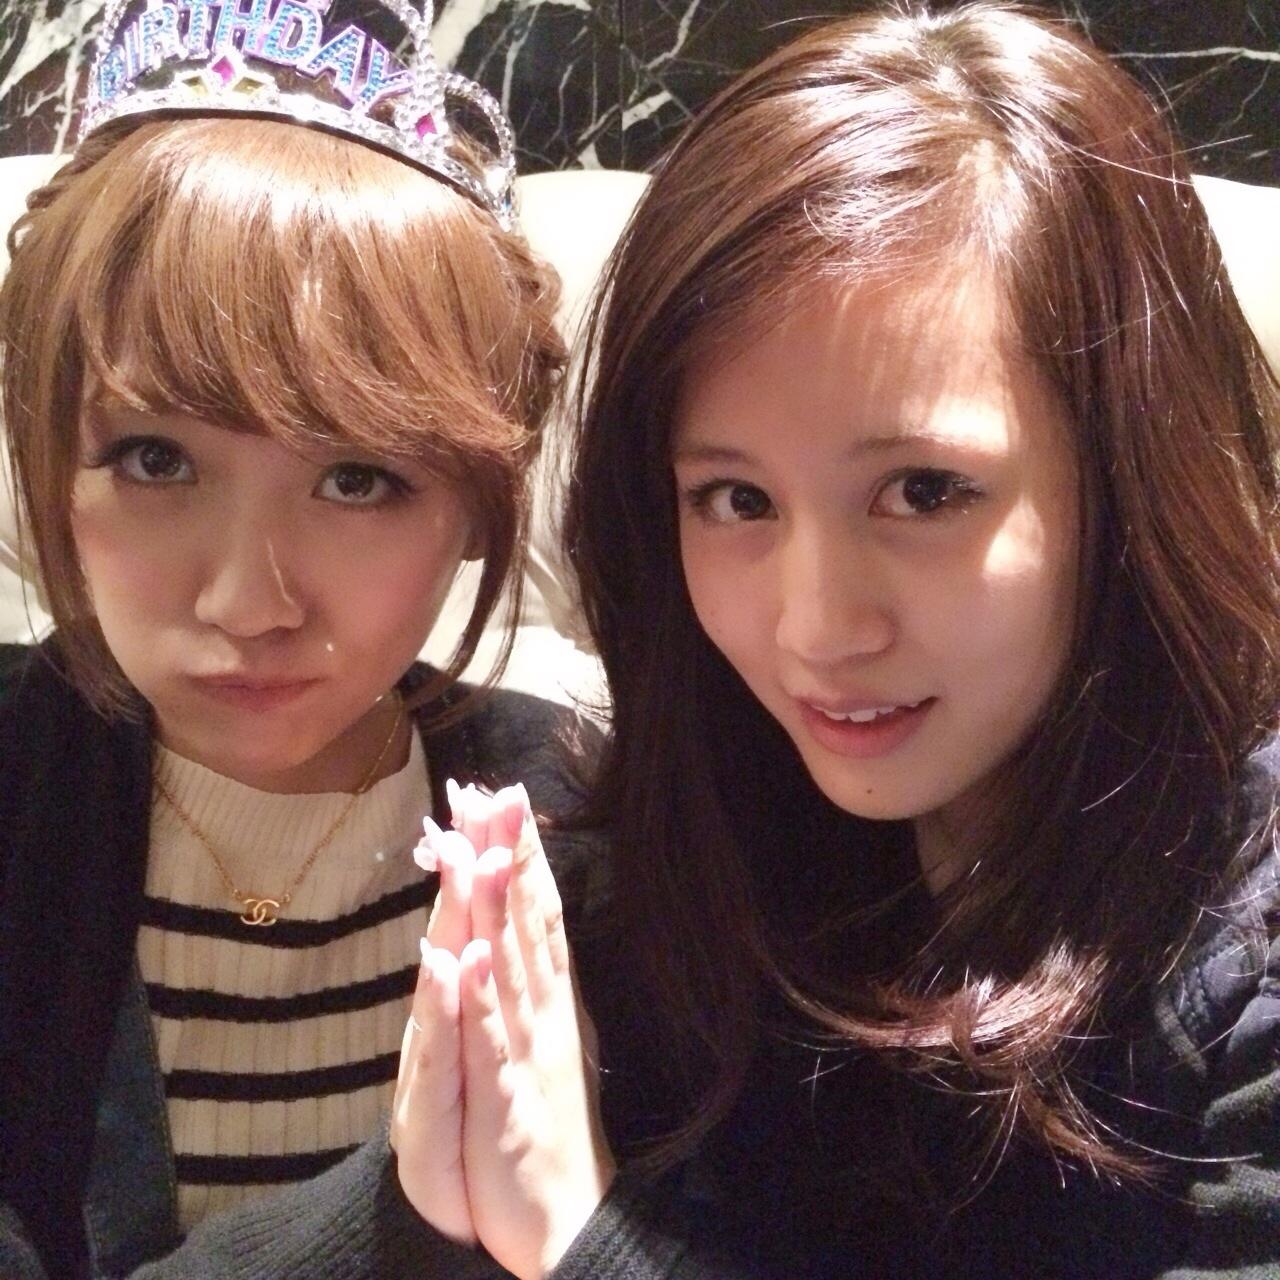 高橋みなみの誕生会に出席した前田敦子と高橋みなみのツーショット